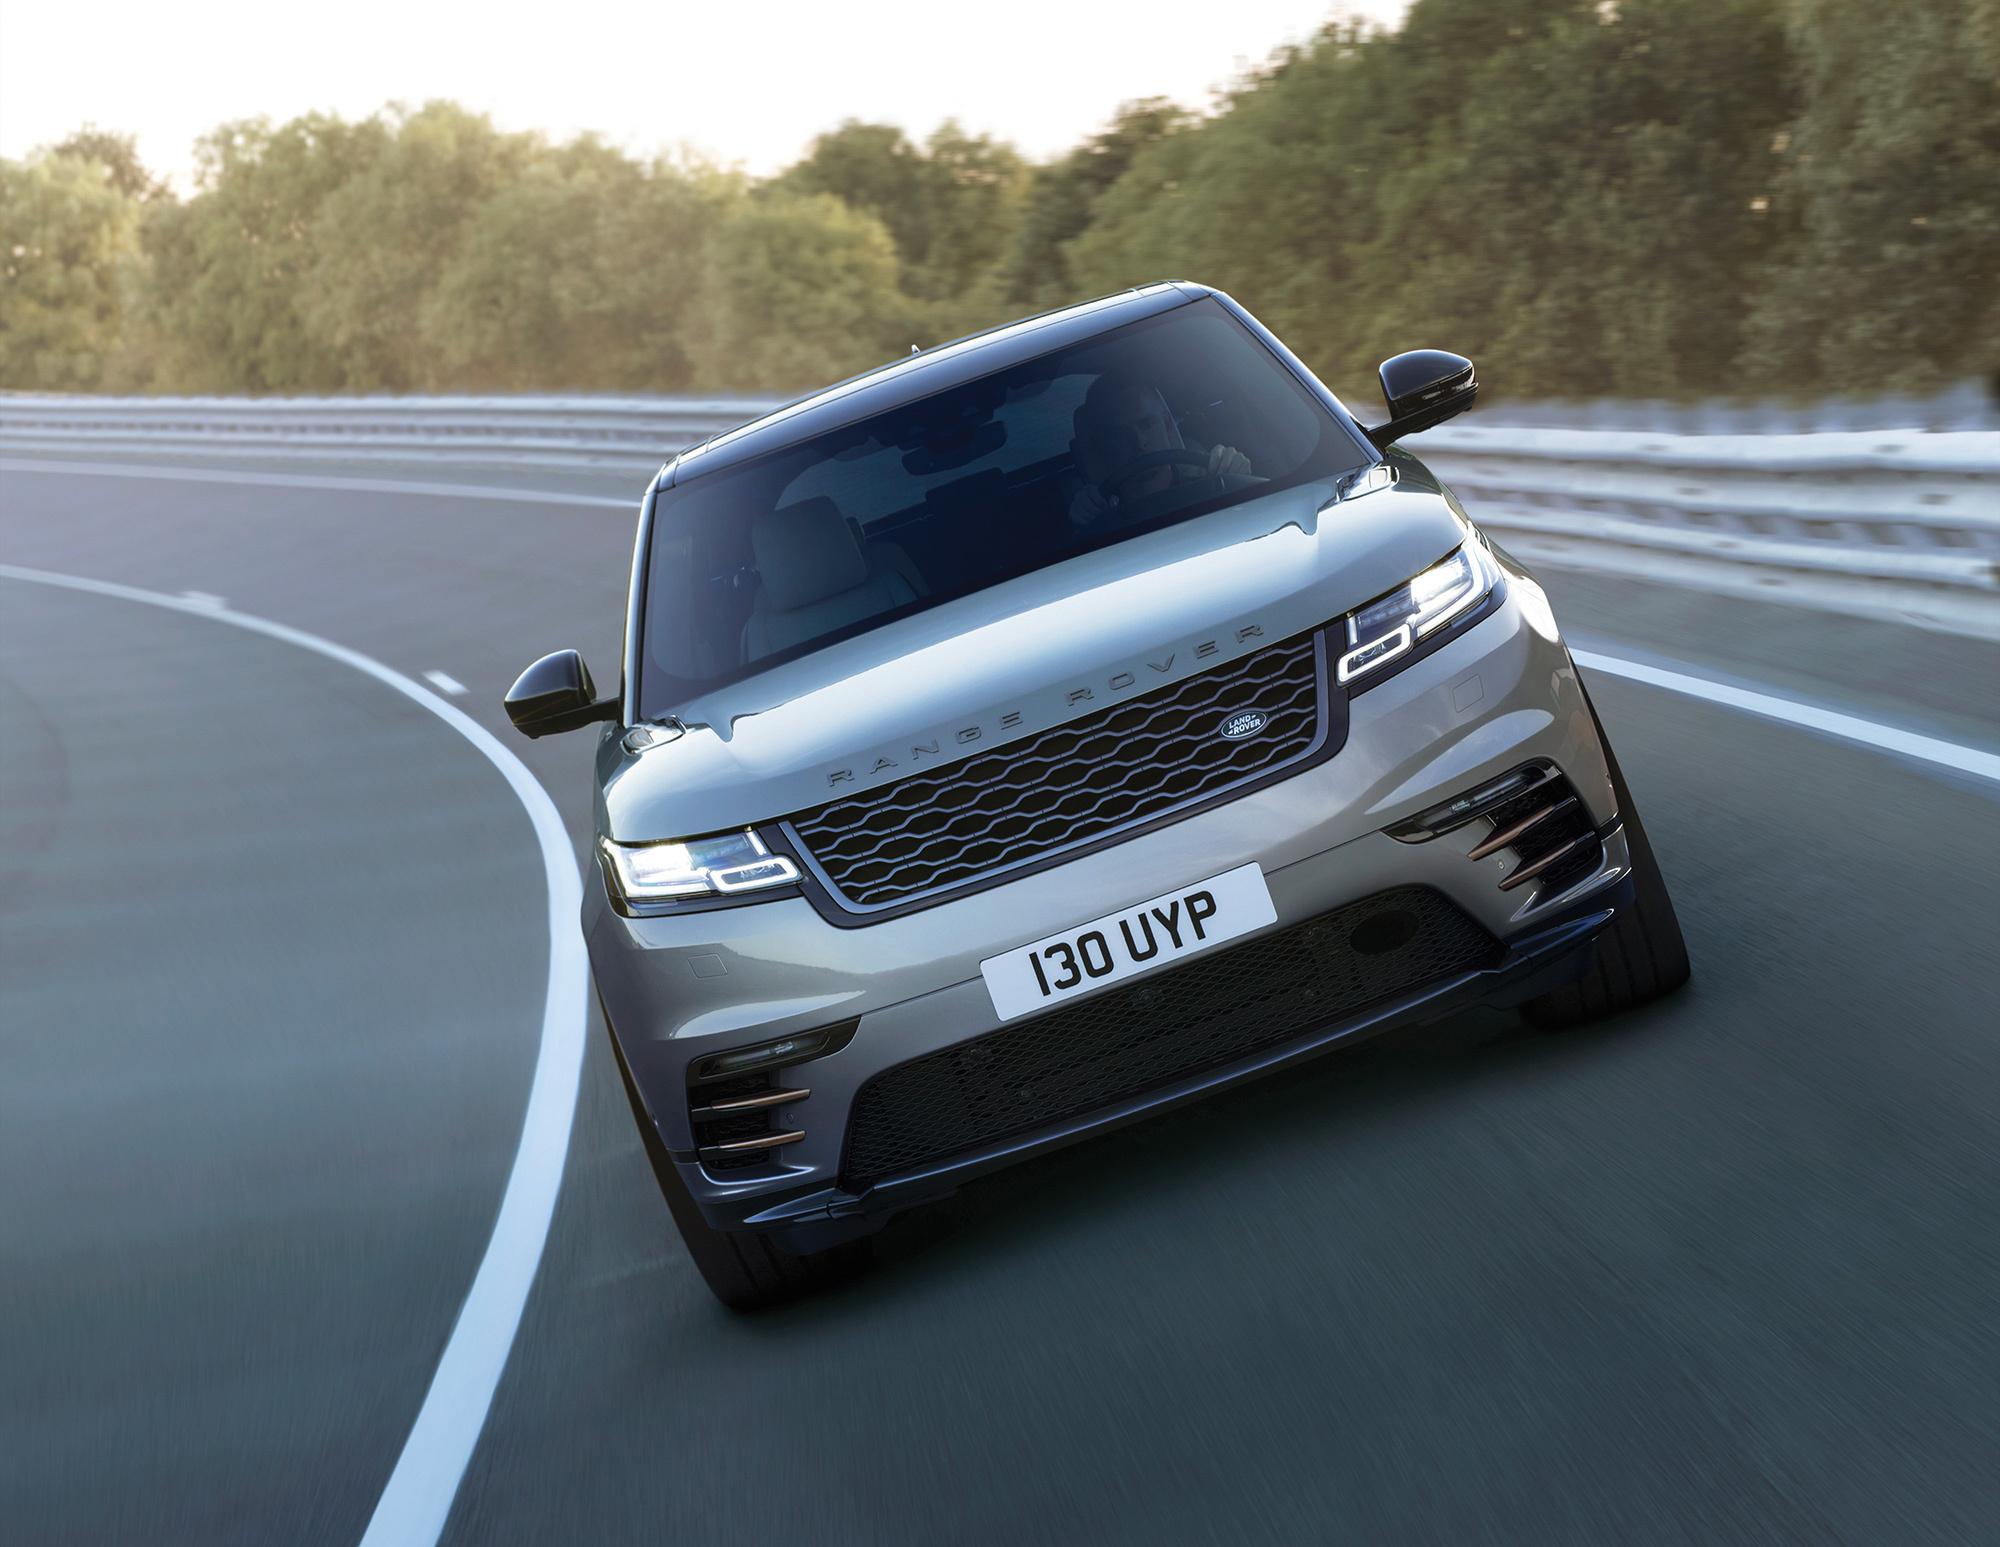 Range Rover Velar HD Background